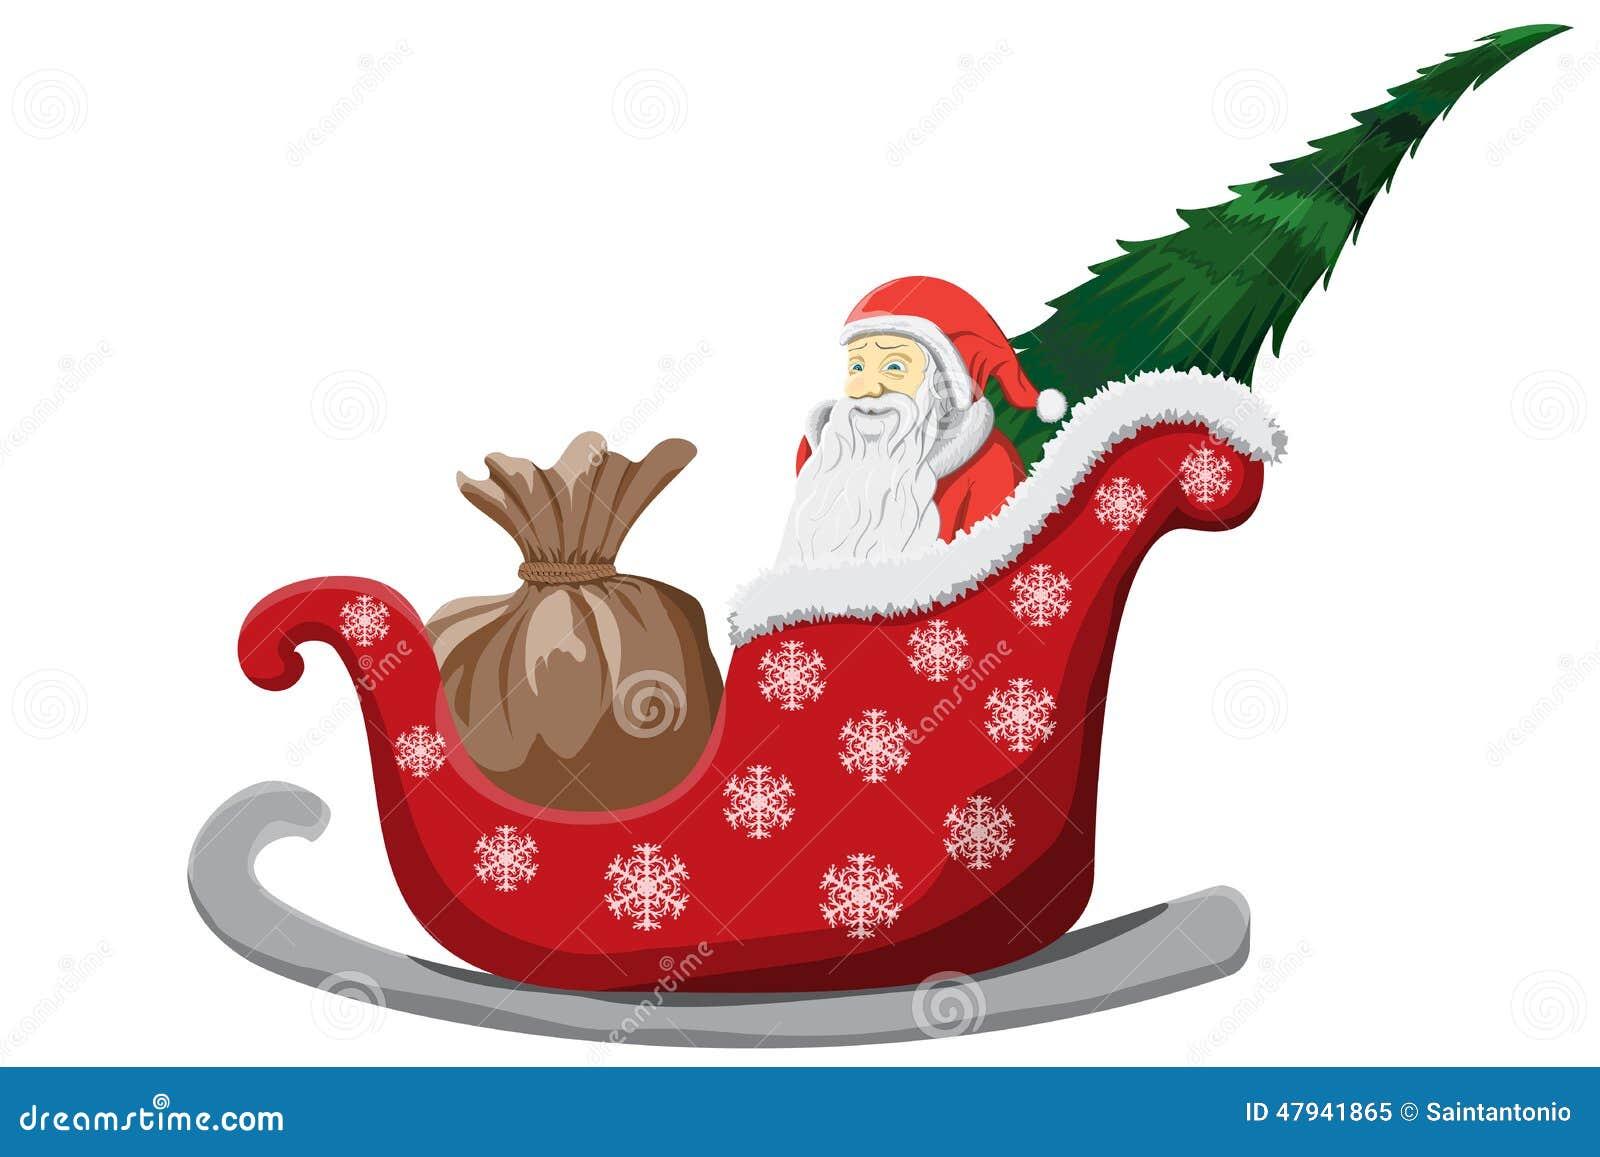 Trineo De Santa Claus Christmas Aislado En El Fondo Blanco